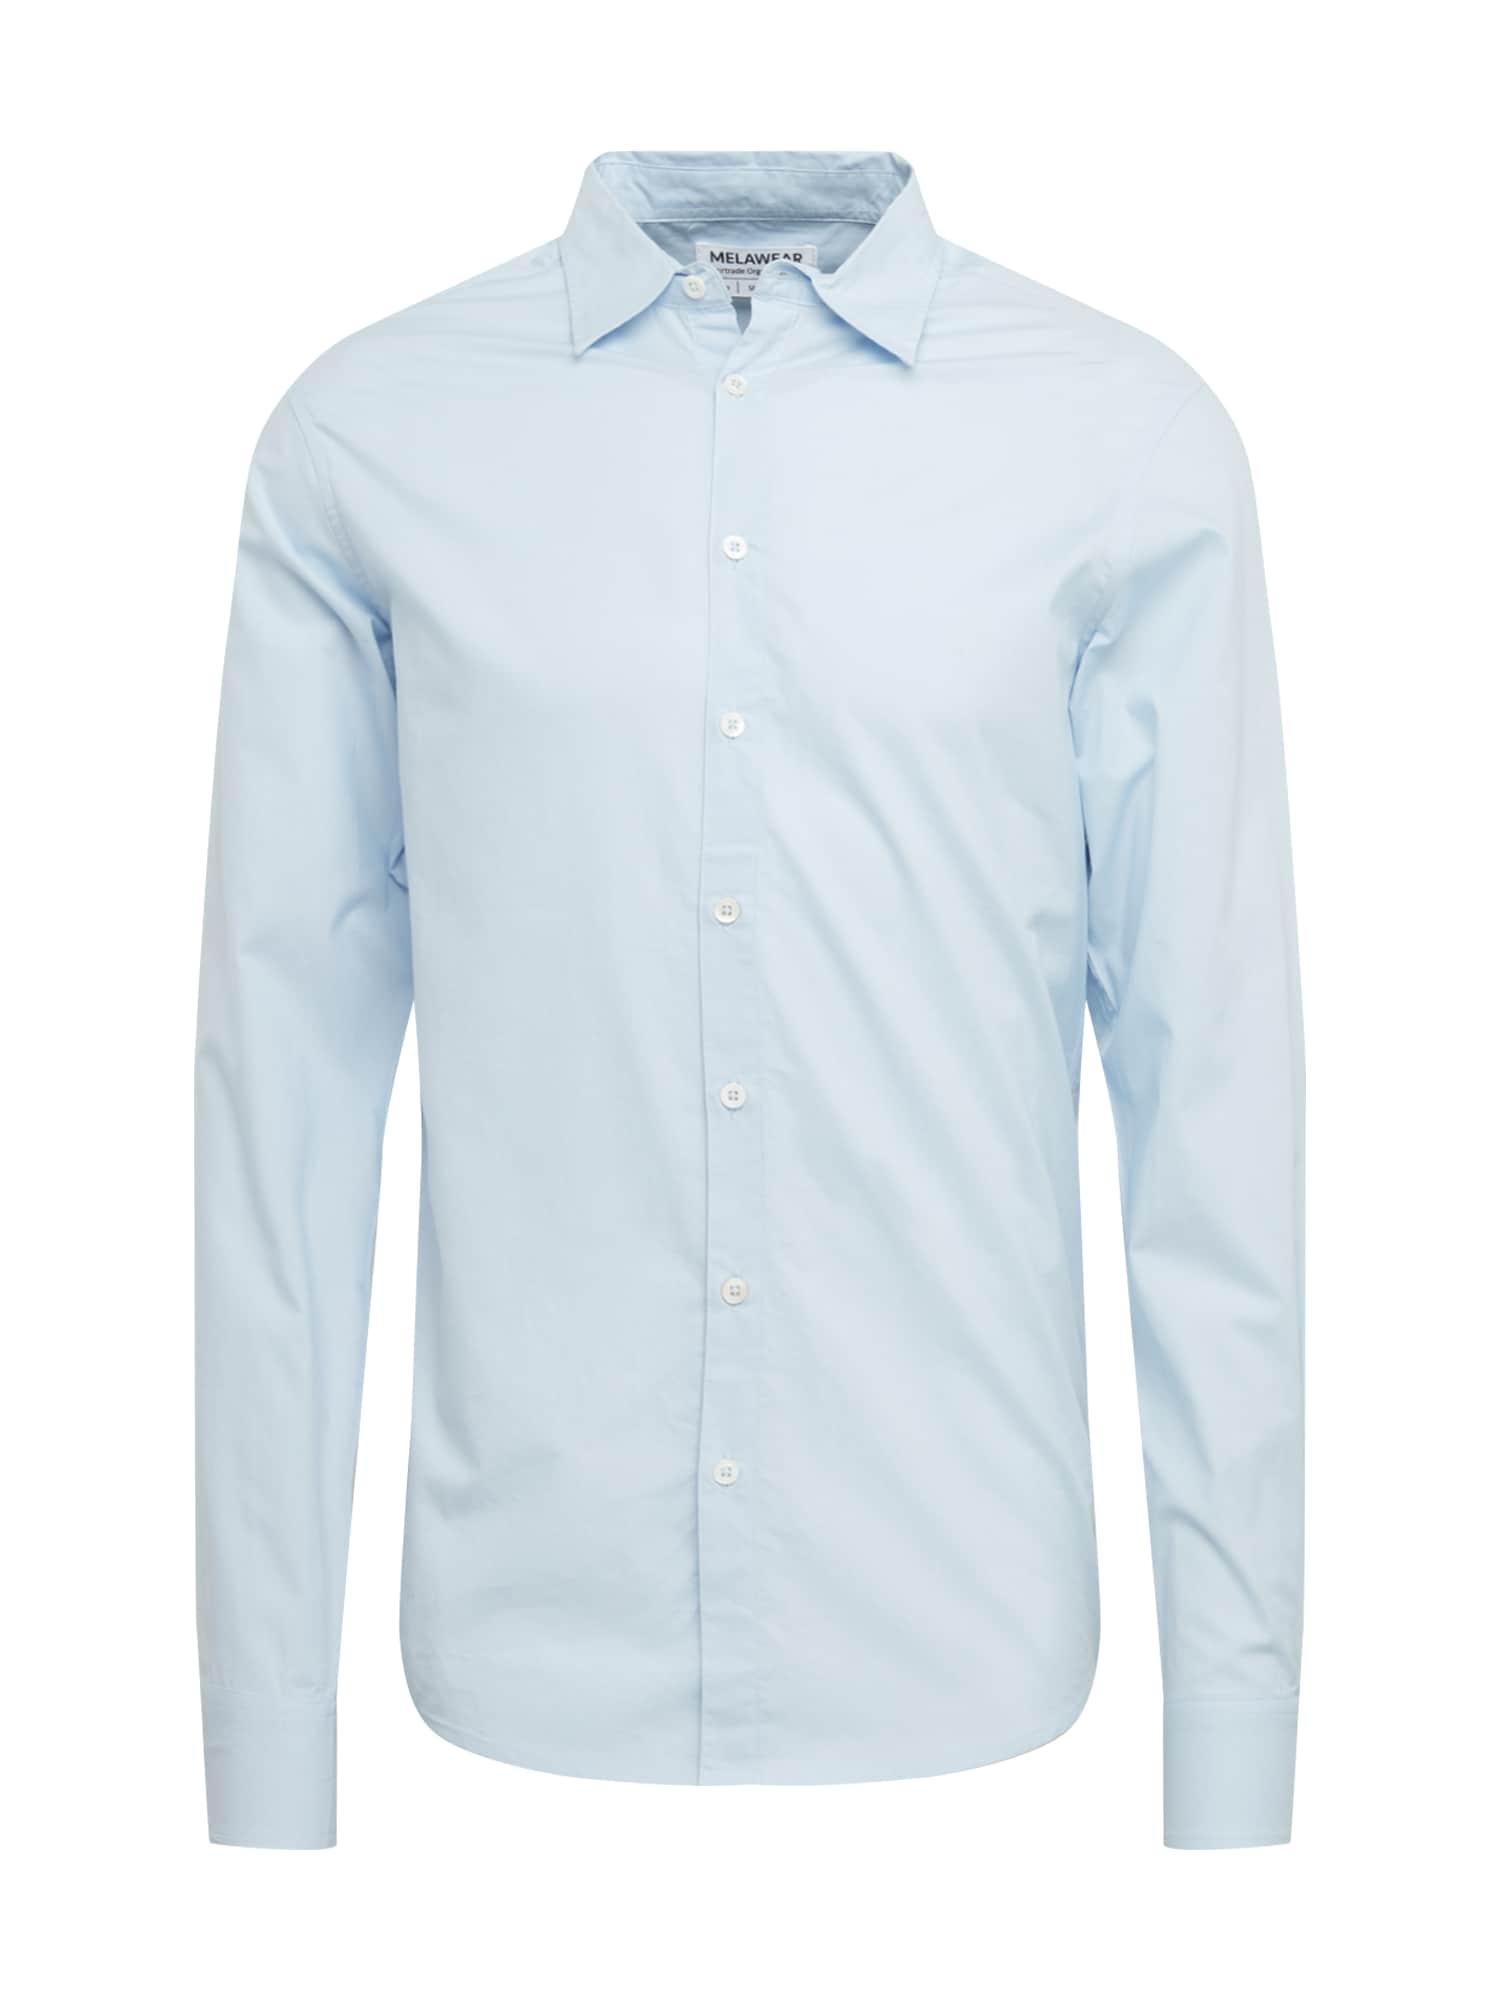 MELAWEAR Marškiniai šviesiai mėlyna